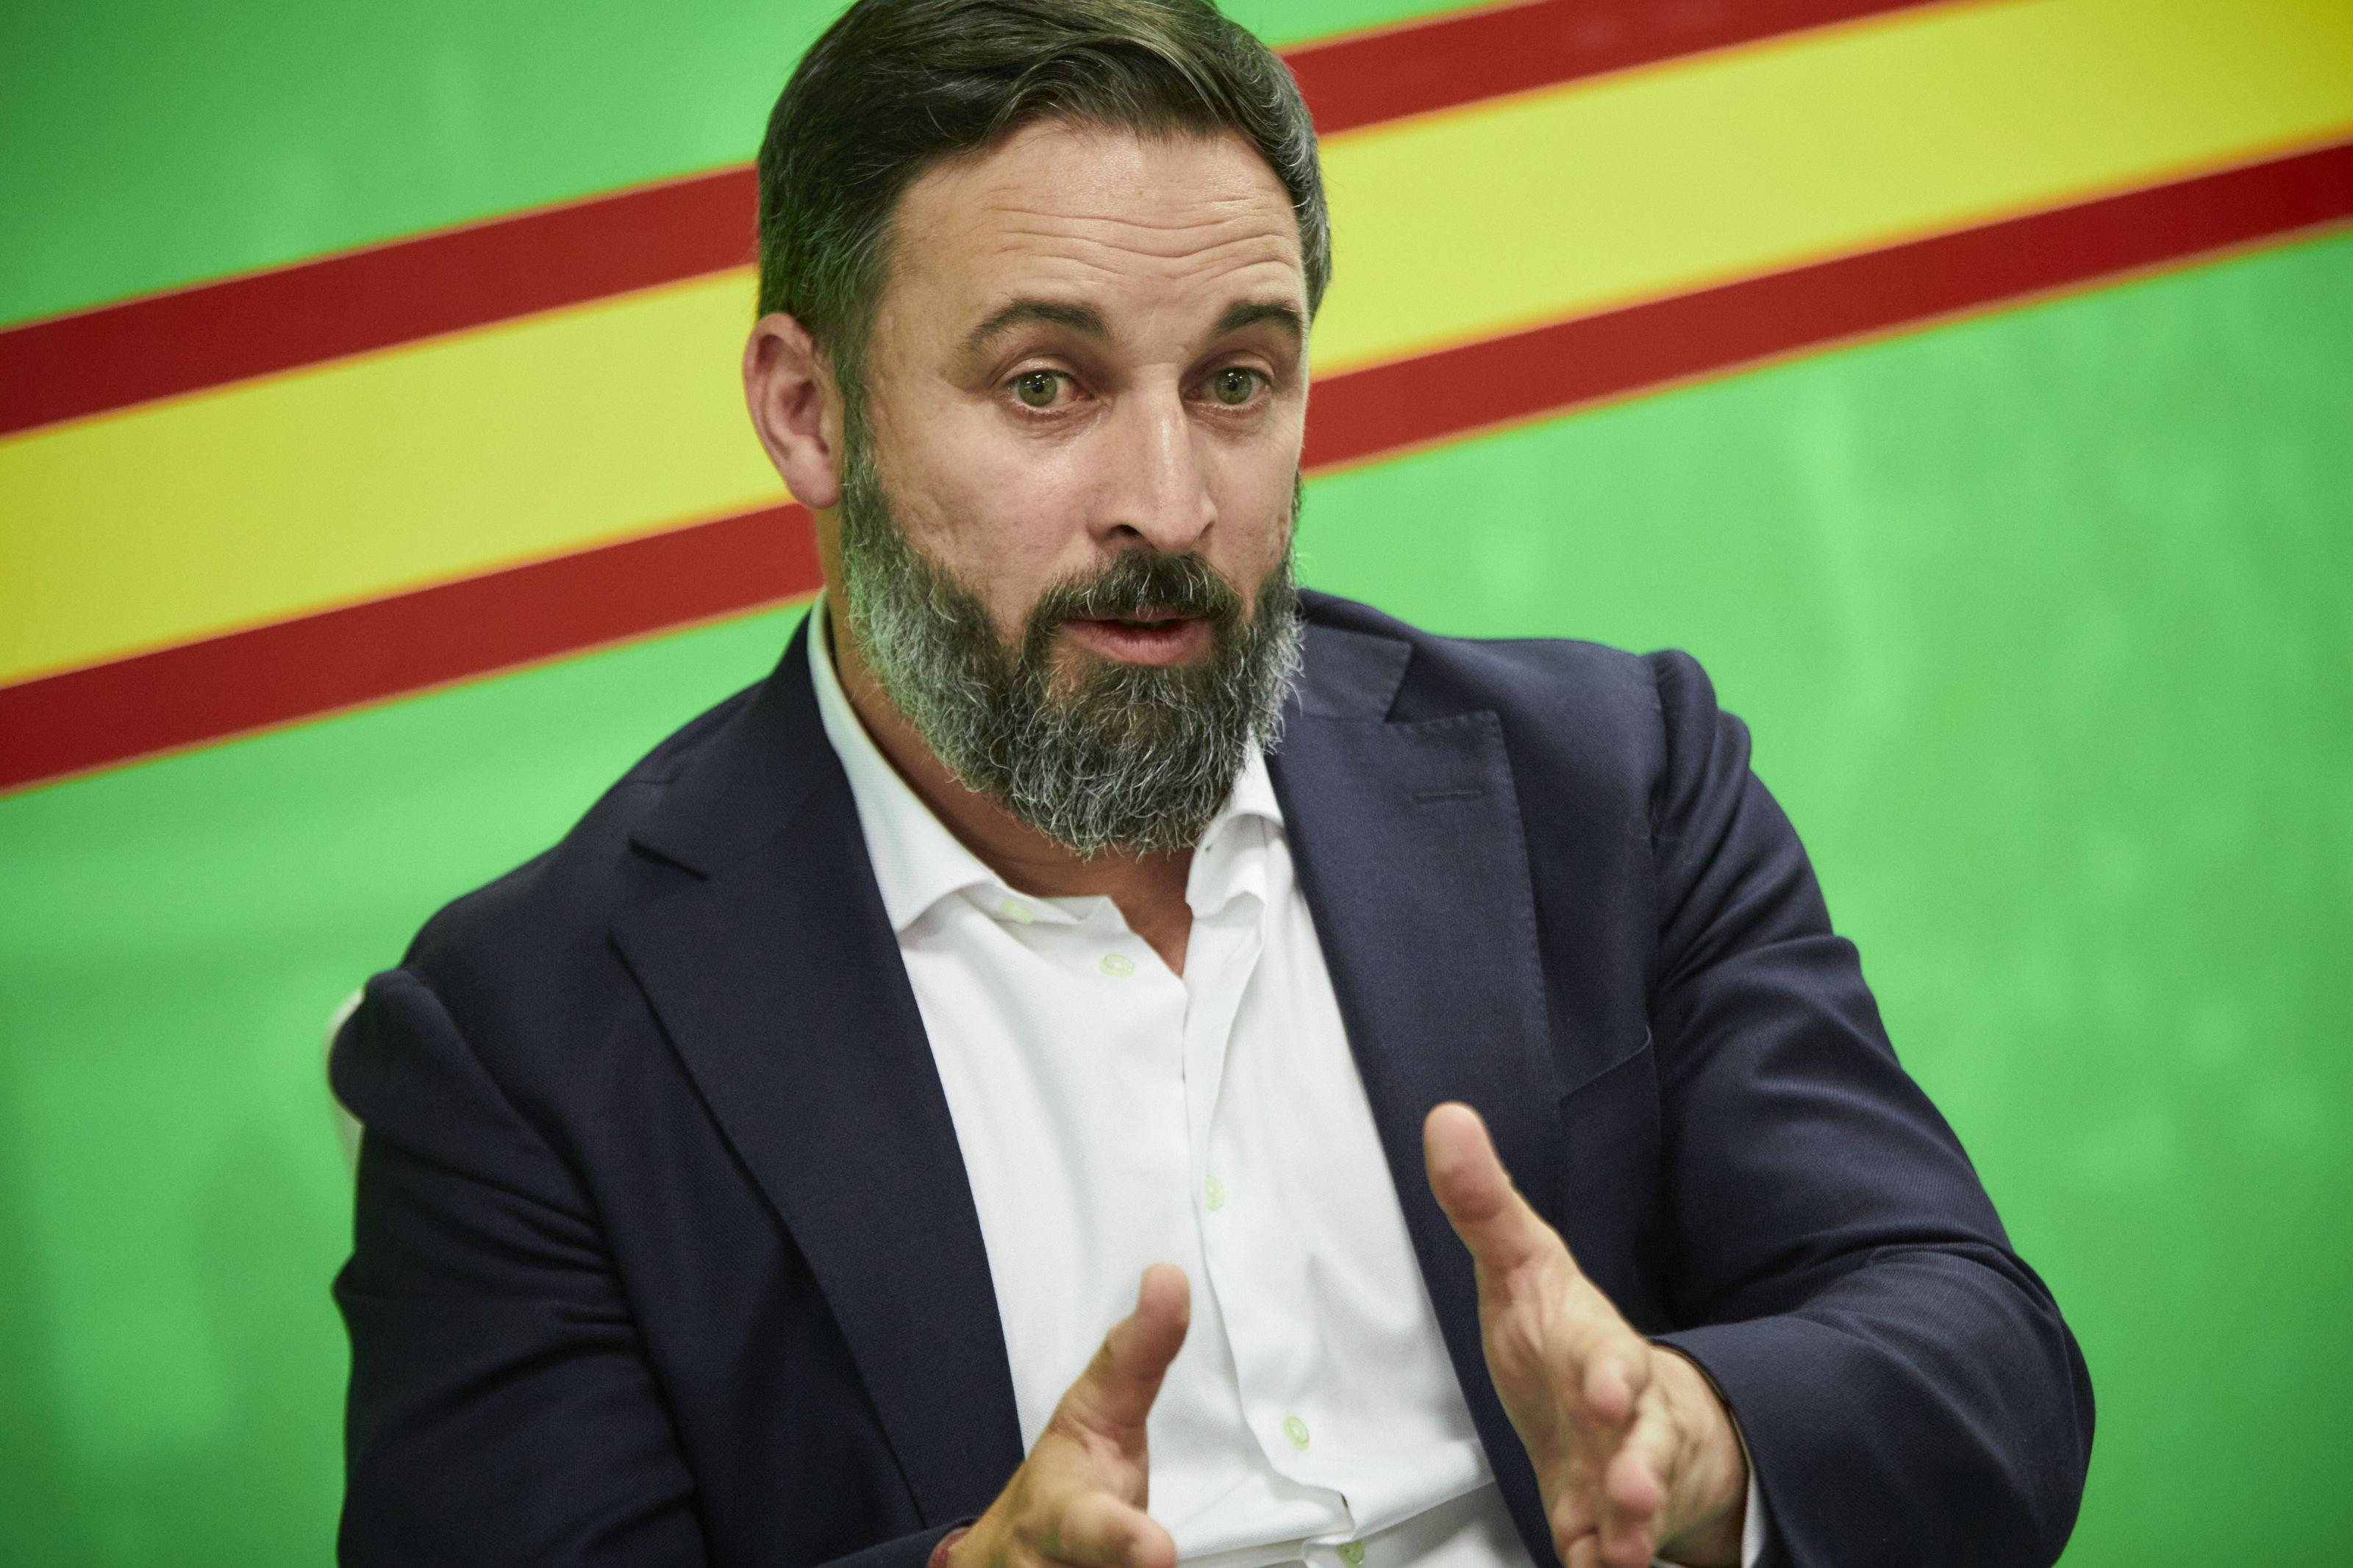 04/08/2020 El presidente de Vox, Santiago Abascal, durante una entrevista con Europa Press en la sede del partido, en Madrid (España) a 4 de agosto de 2020. POLITICA  Jesús Hellín - Europa Press